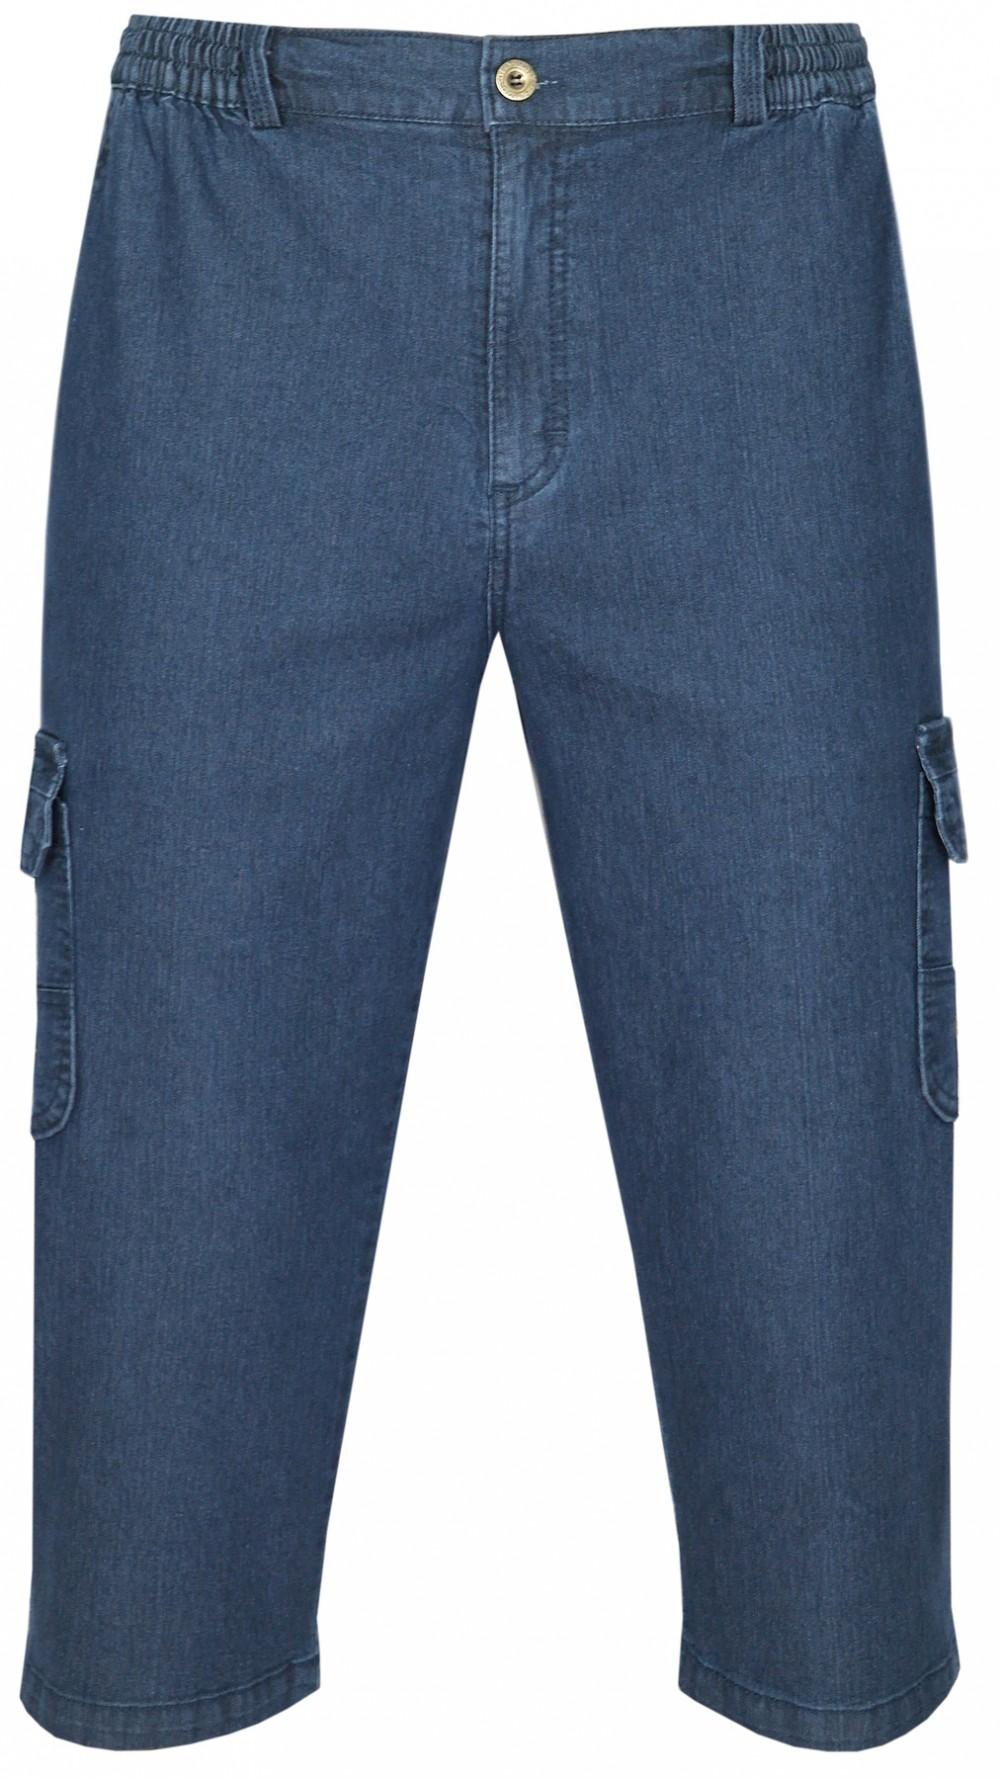 Herren Stretch Jeans Bermudas mit Dehnbund - Dark Blue